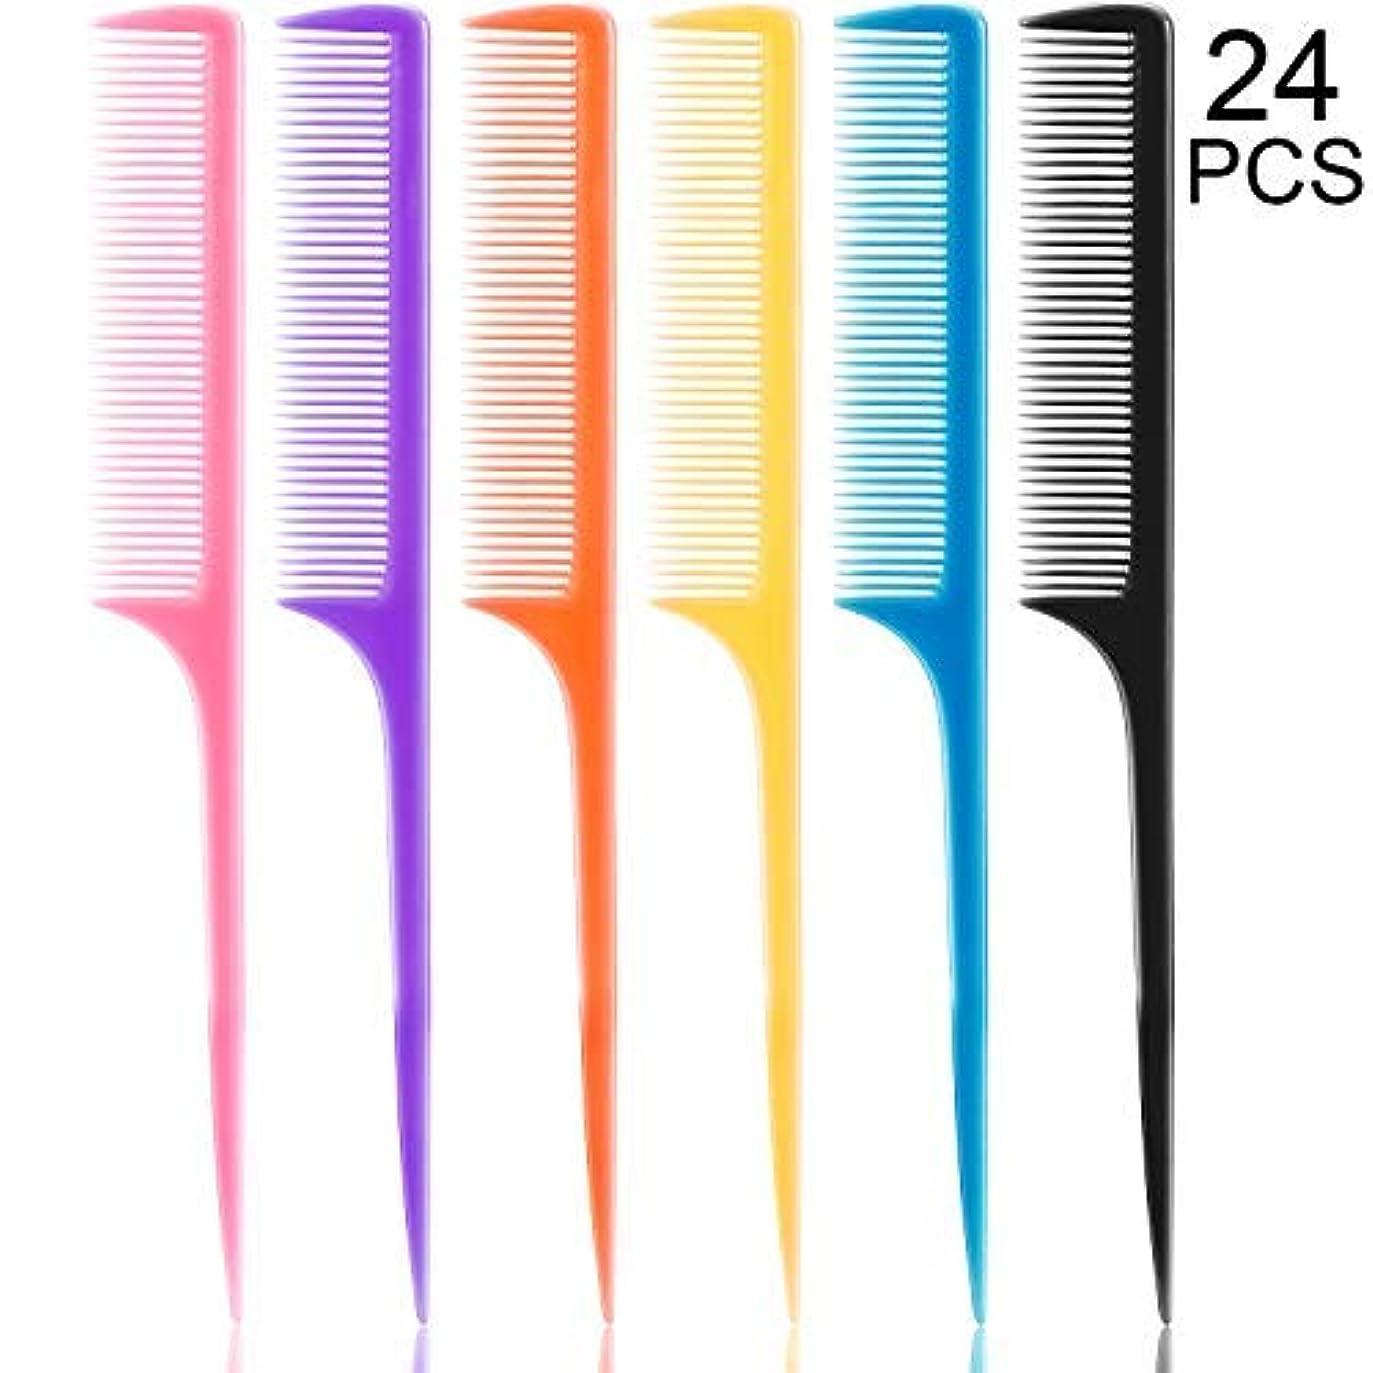 道を作る傀儡効果的に24 Pieces Plastic Rat Tail Combs 8.5 Inch Fine-tooth Hair Combs Pin Tail Hair Styling Combs with Thin and Long...